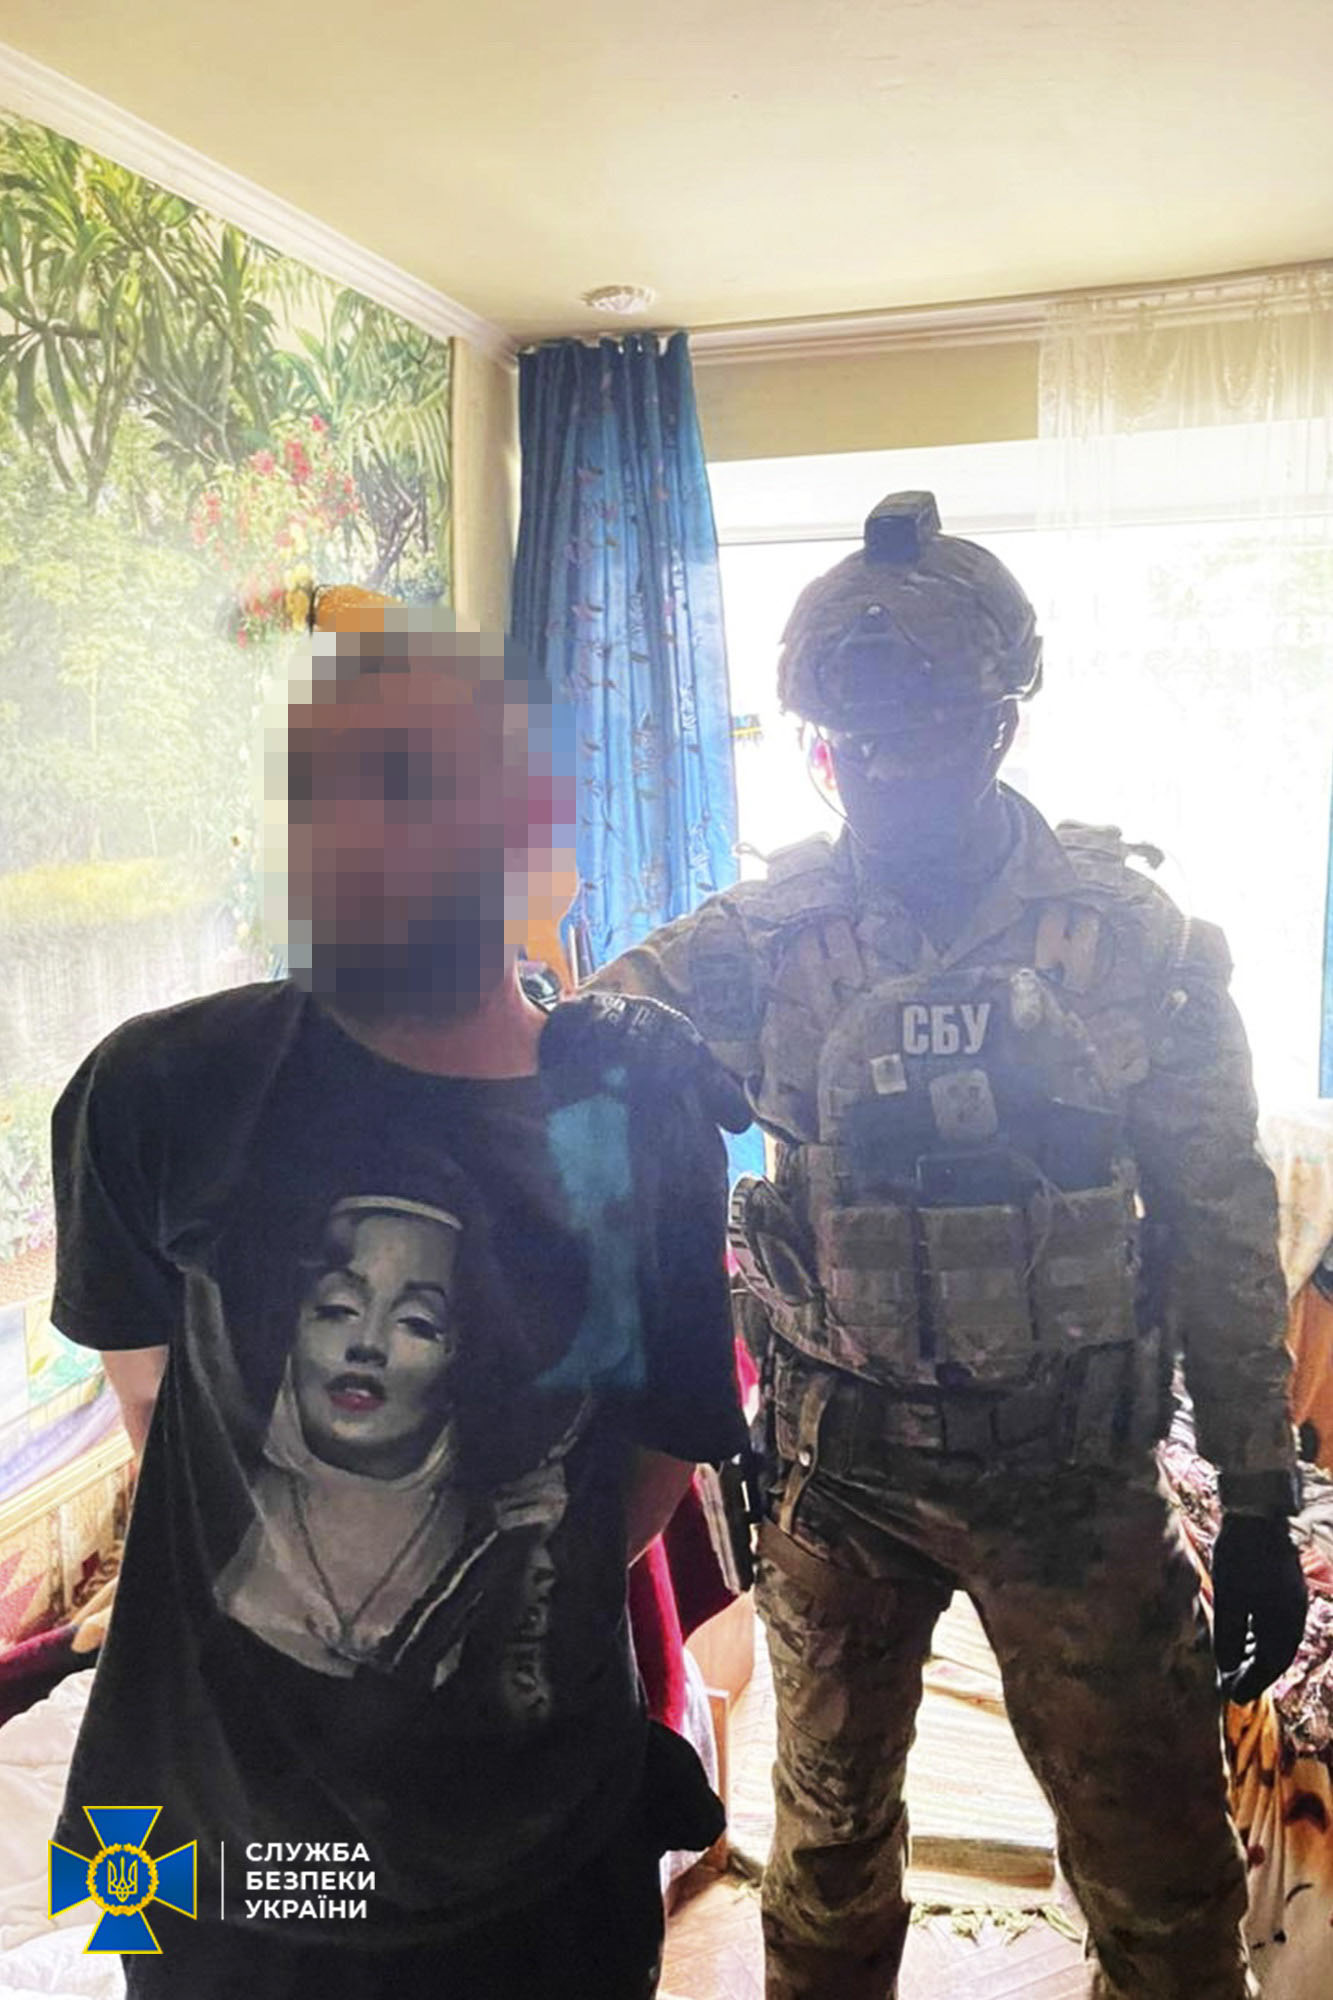 У Франківську СБУ викрила трьох чоловіків, котрі продавали злочинцям вогнепальну зброю (ФОТО)